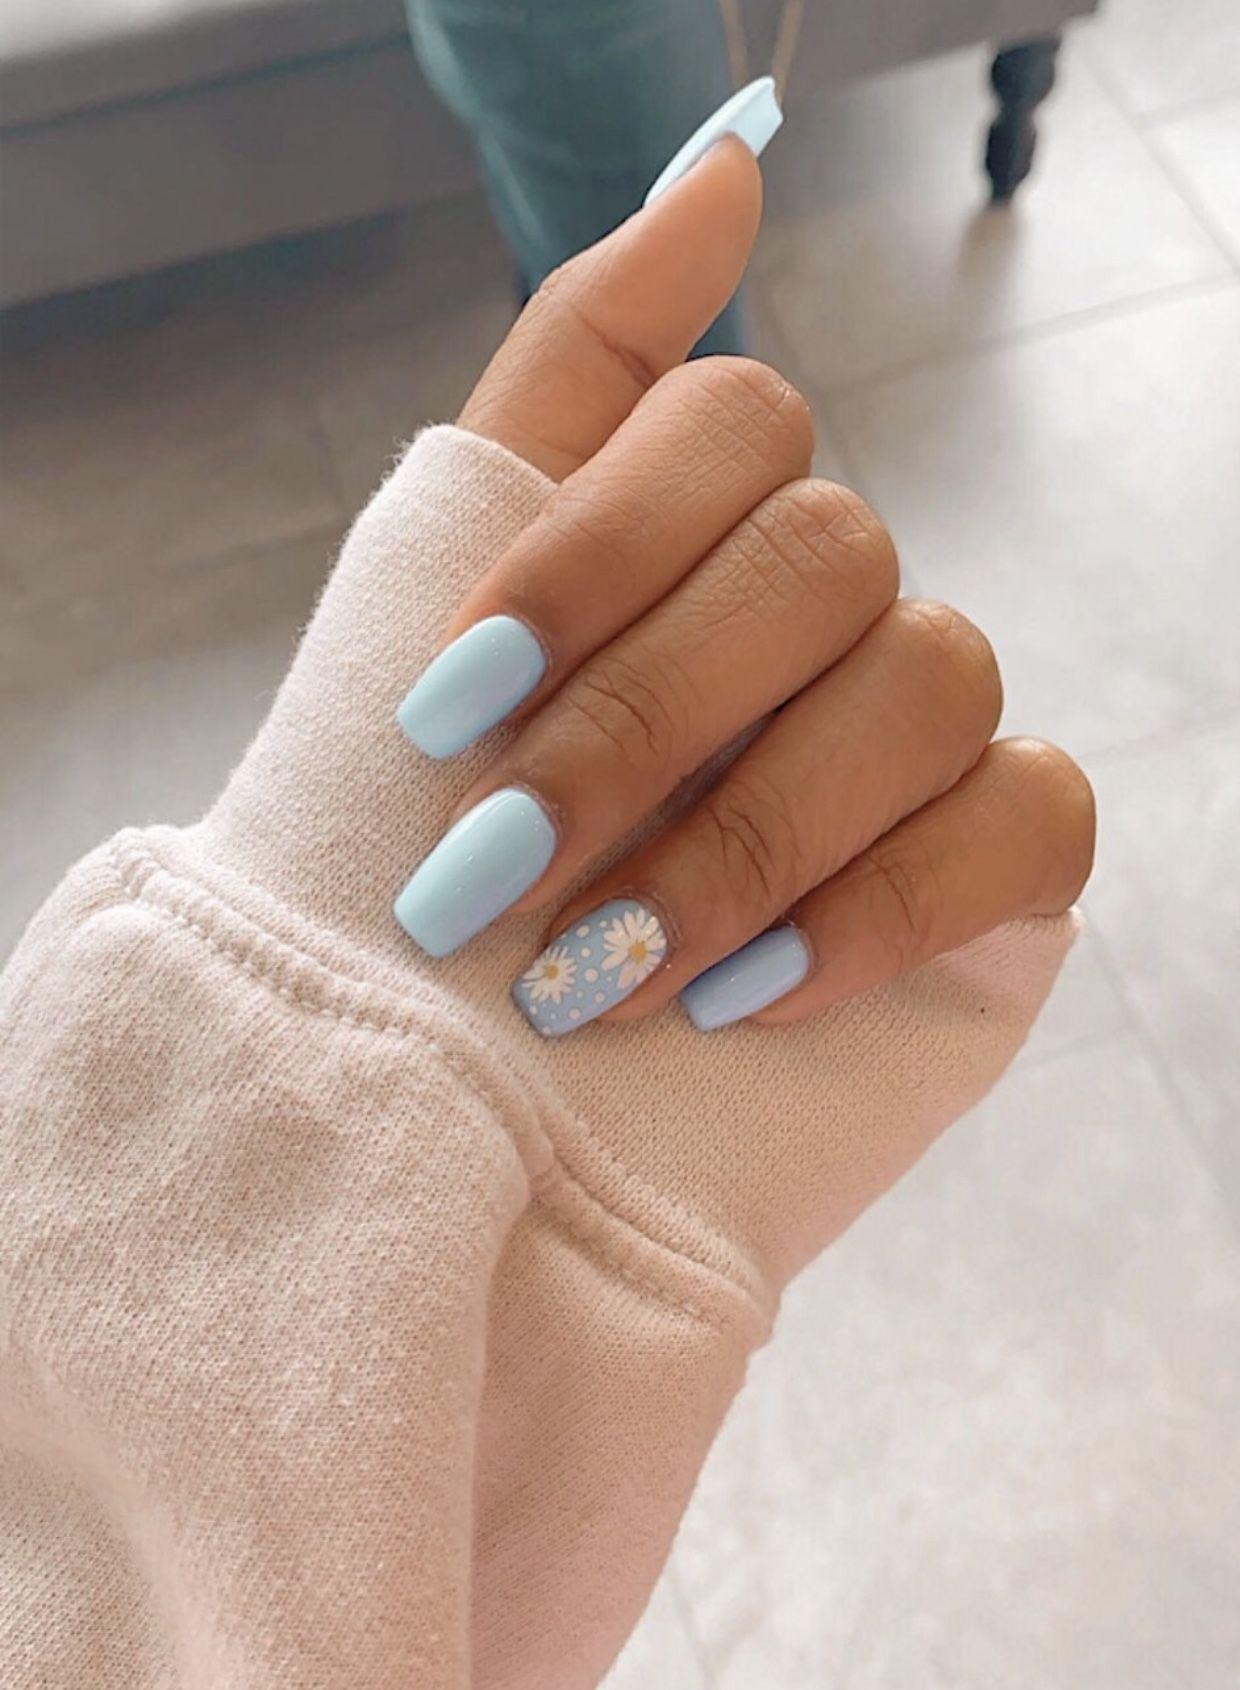 Pinterest Taramelissa Short Acrylic Nails Designs Blue Acrylic Nails Simple Acrylic Nails